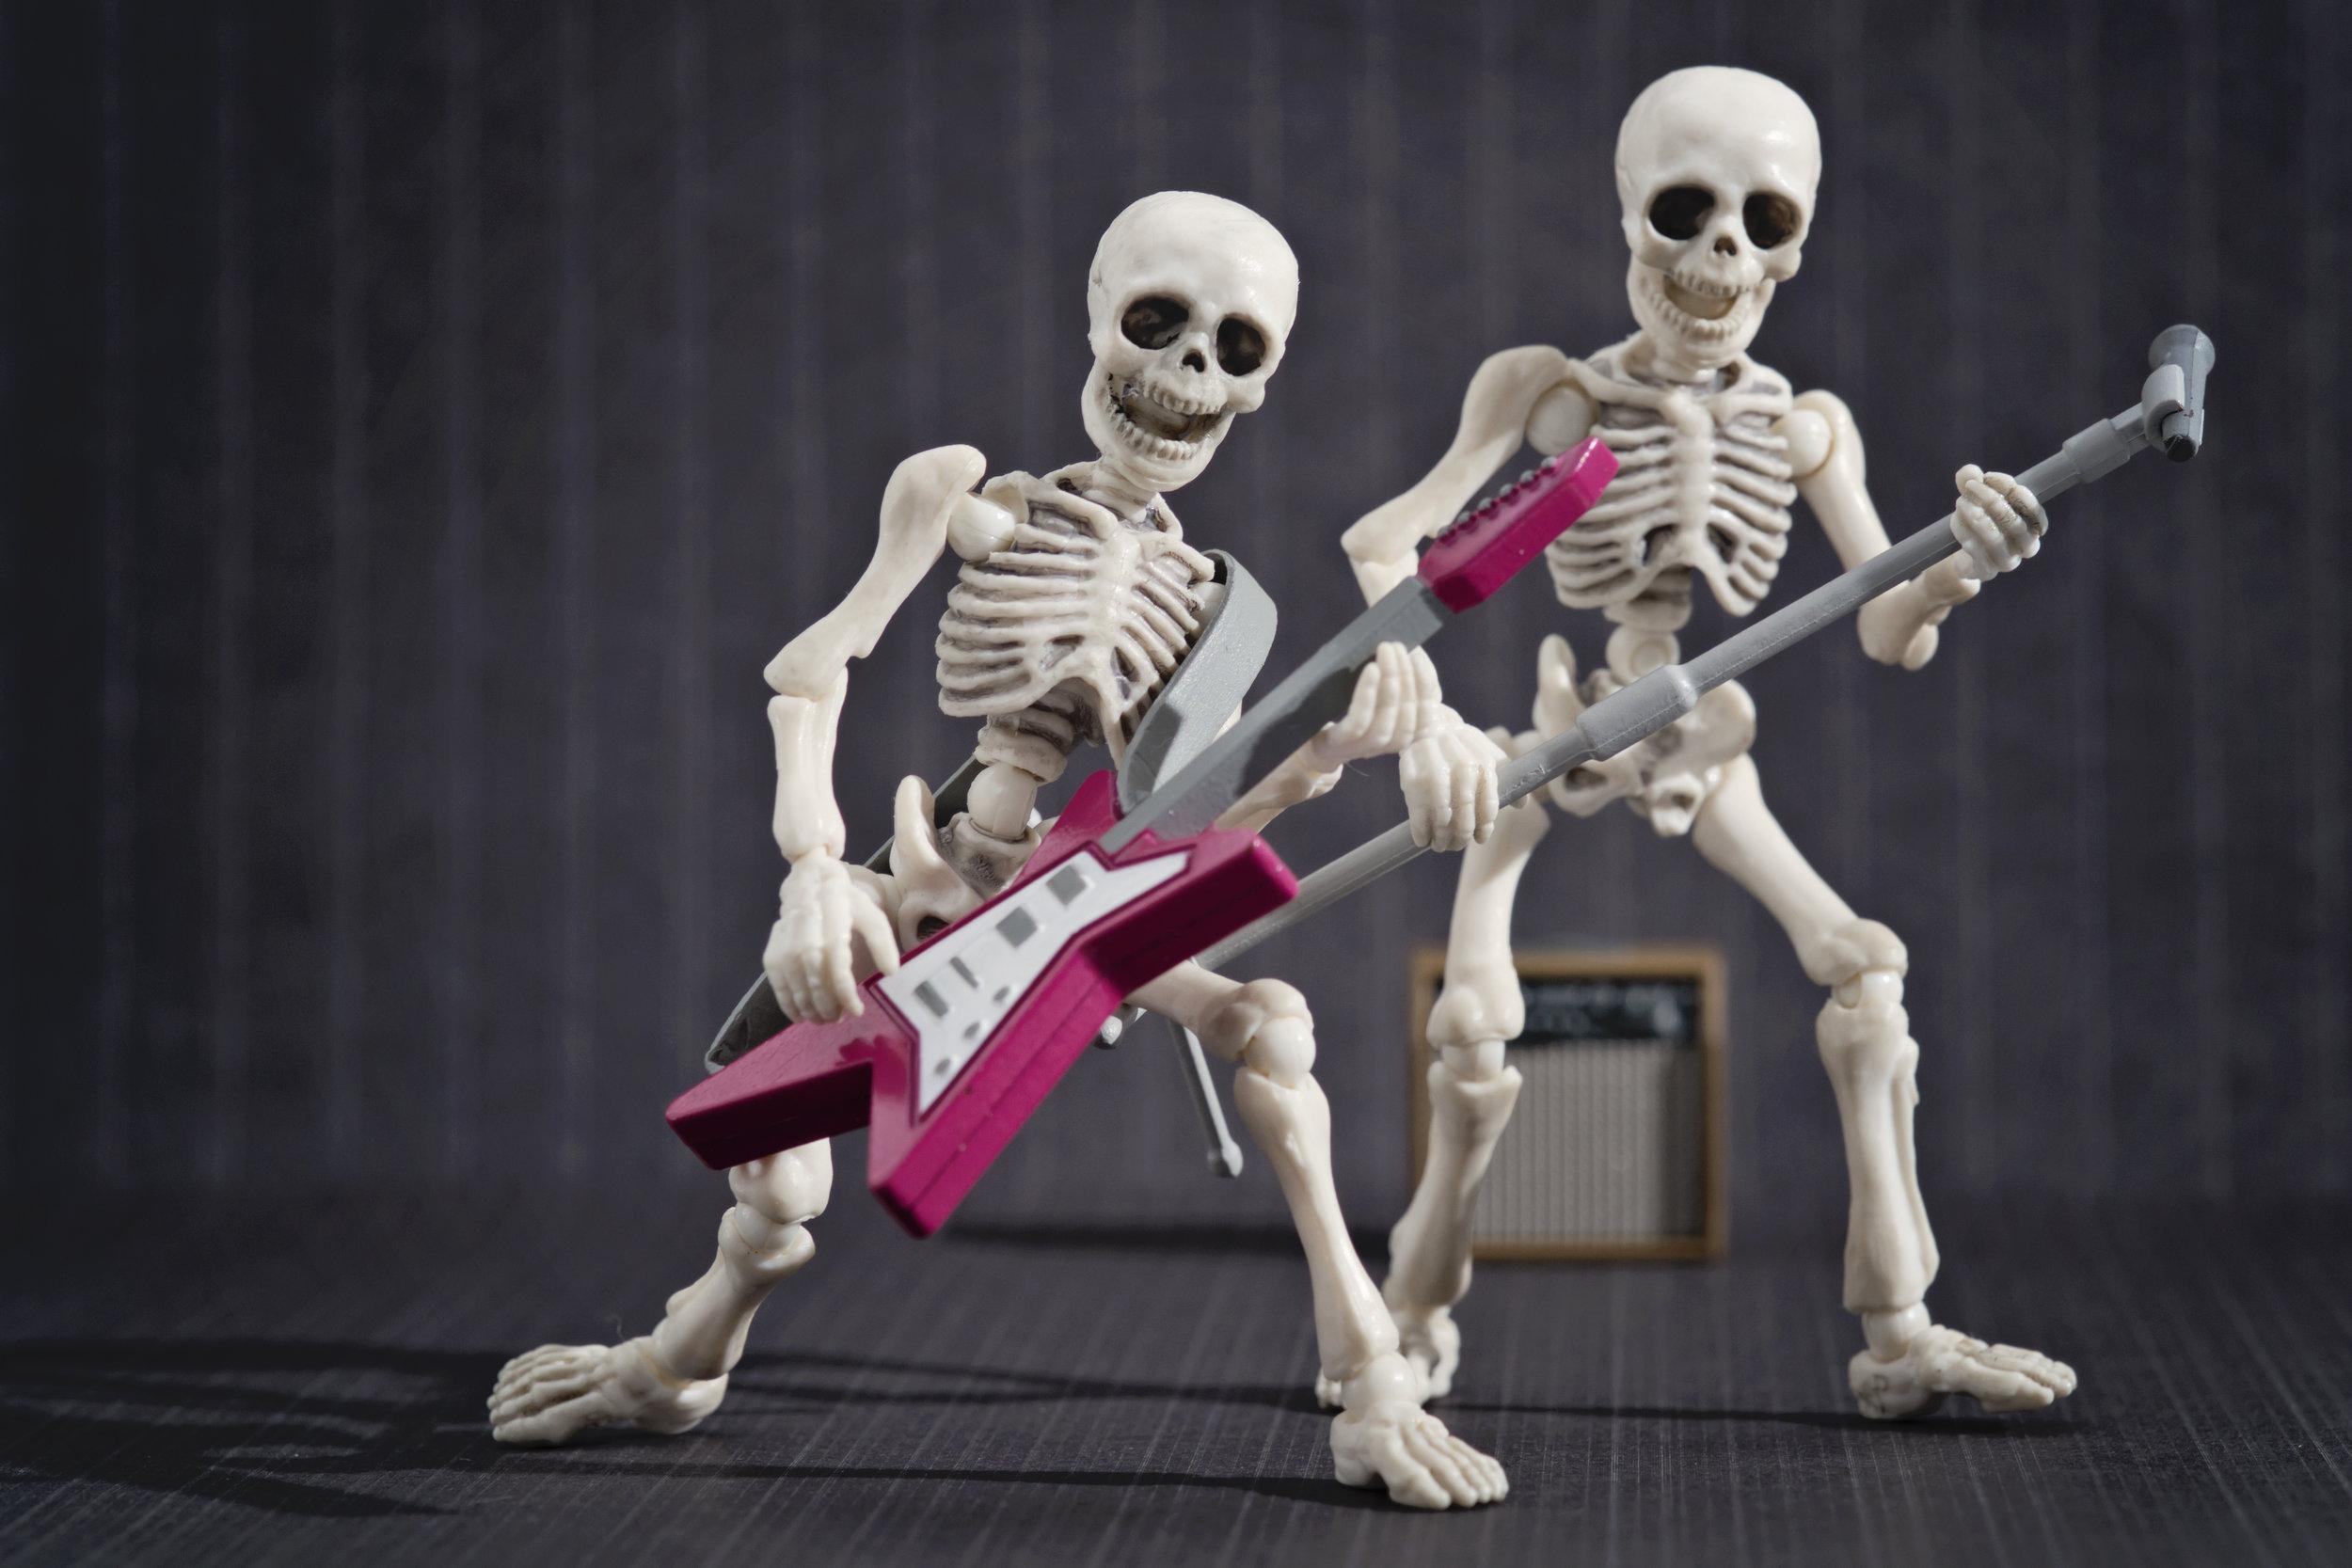 Two skeleton playing rock music